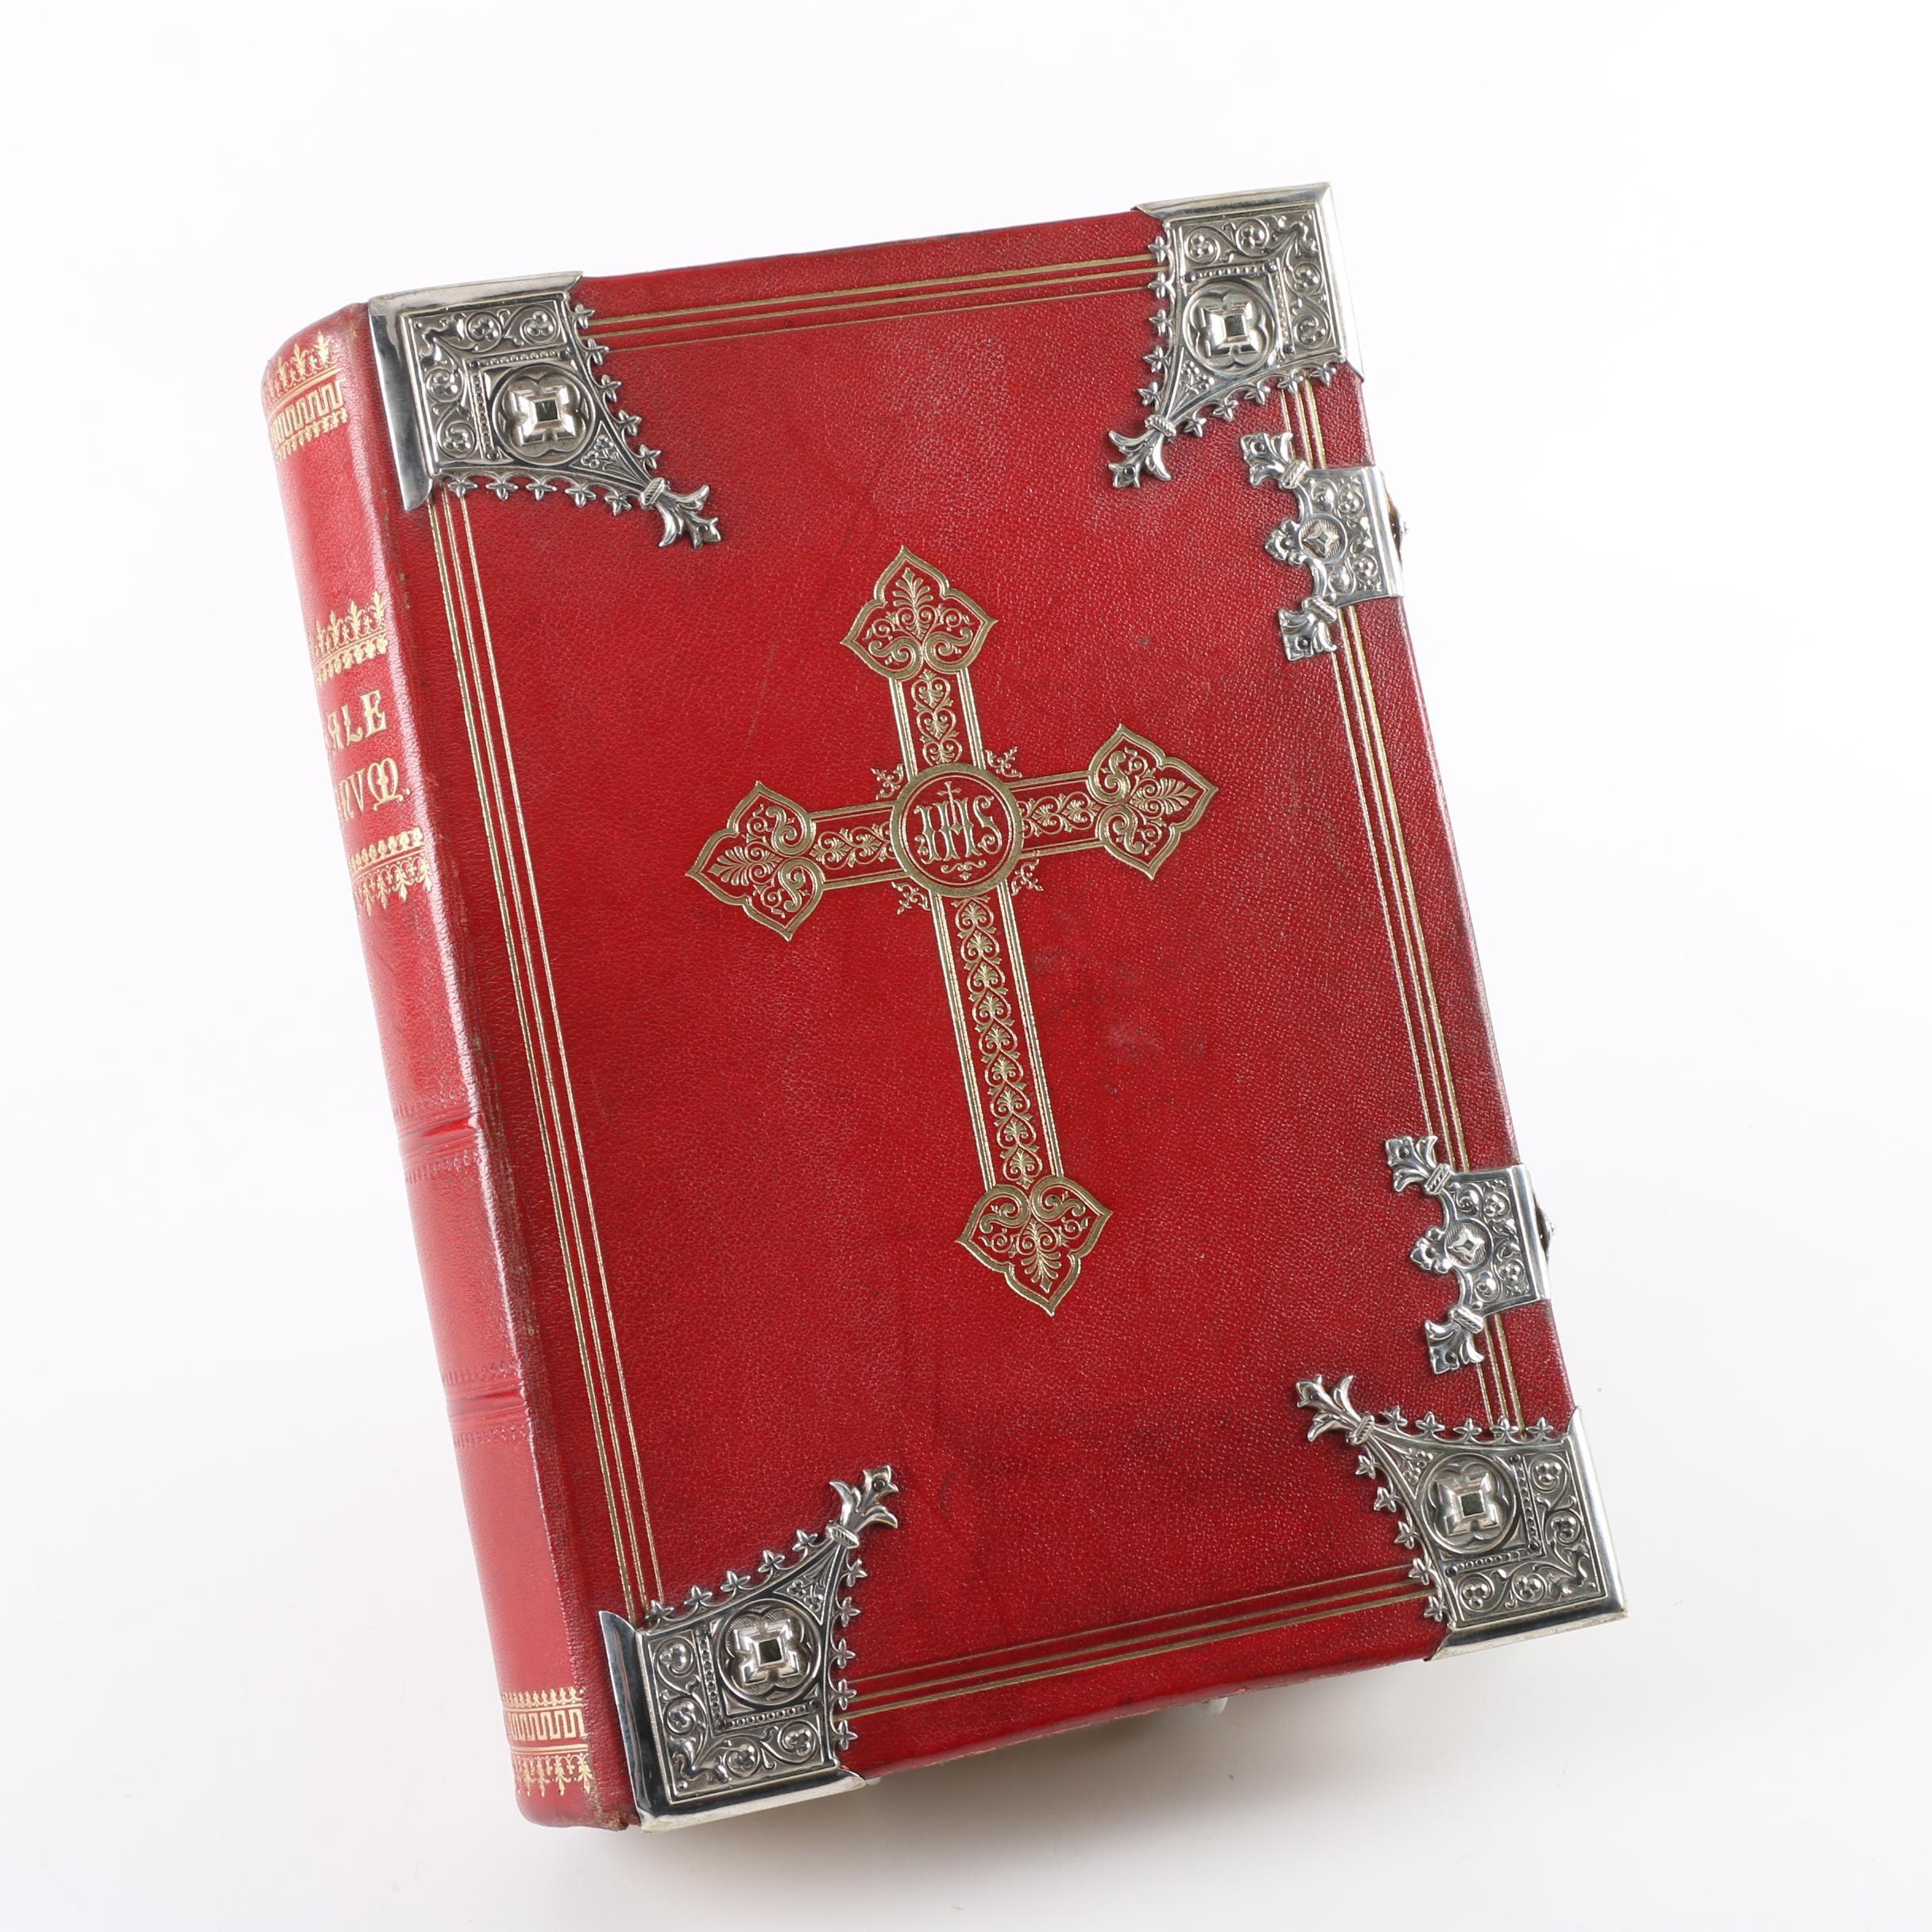 1920s Missale Romanum